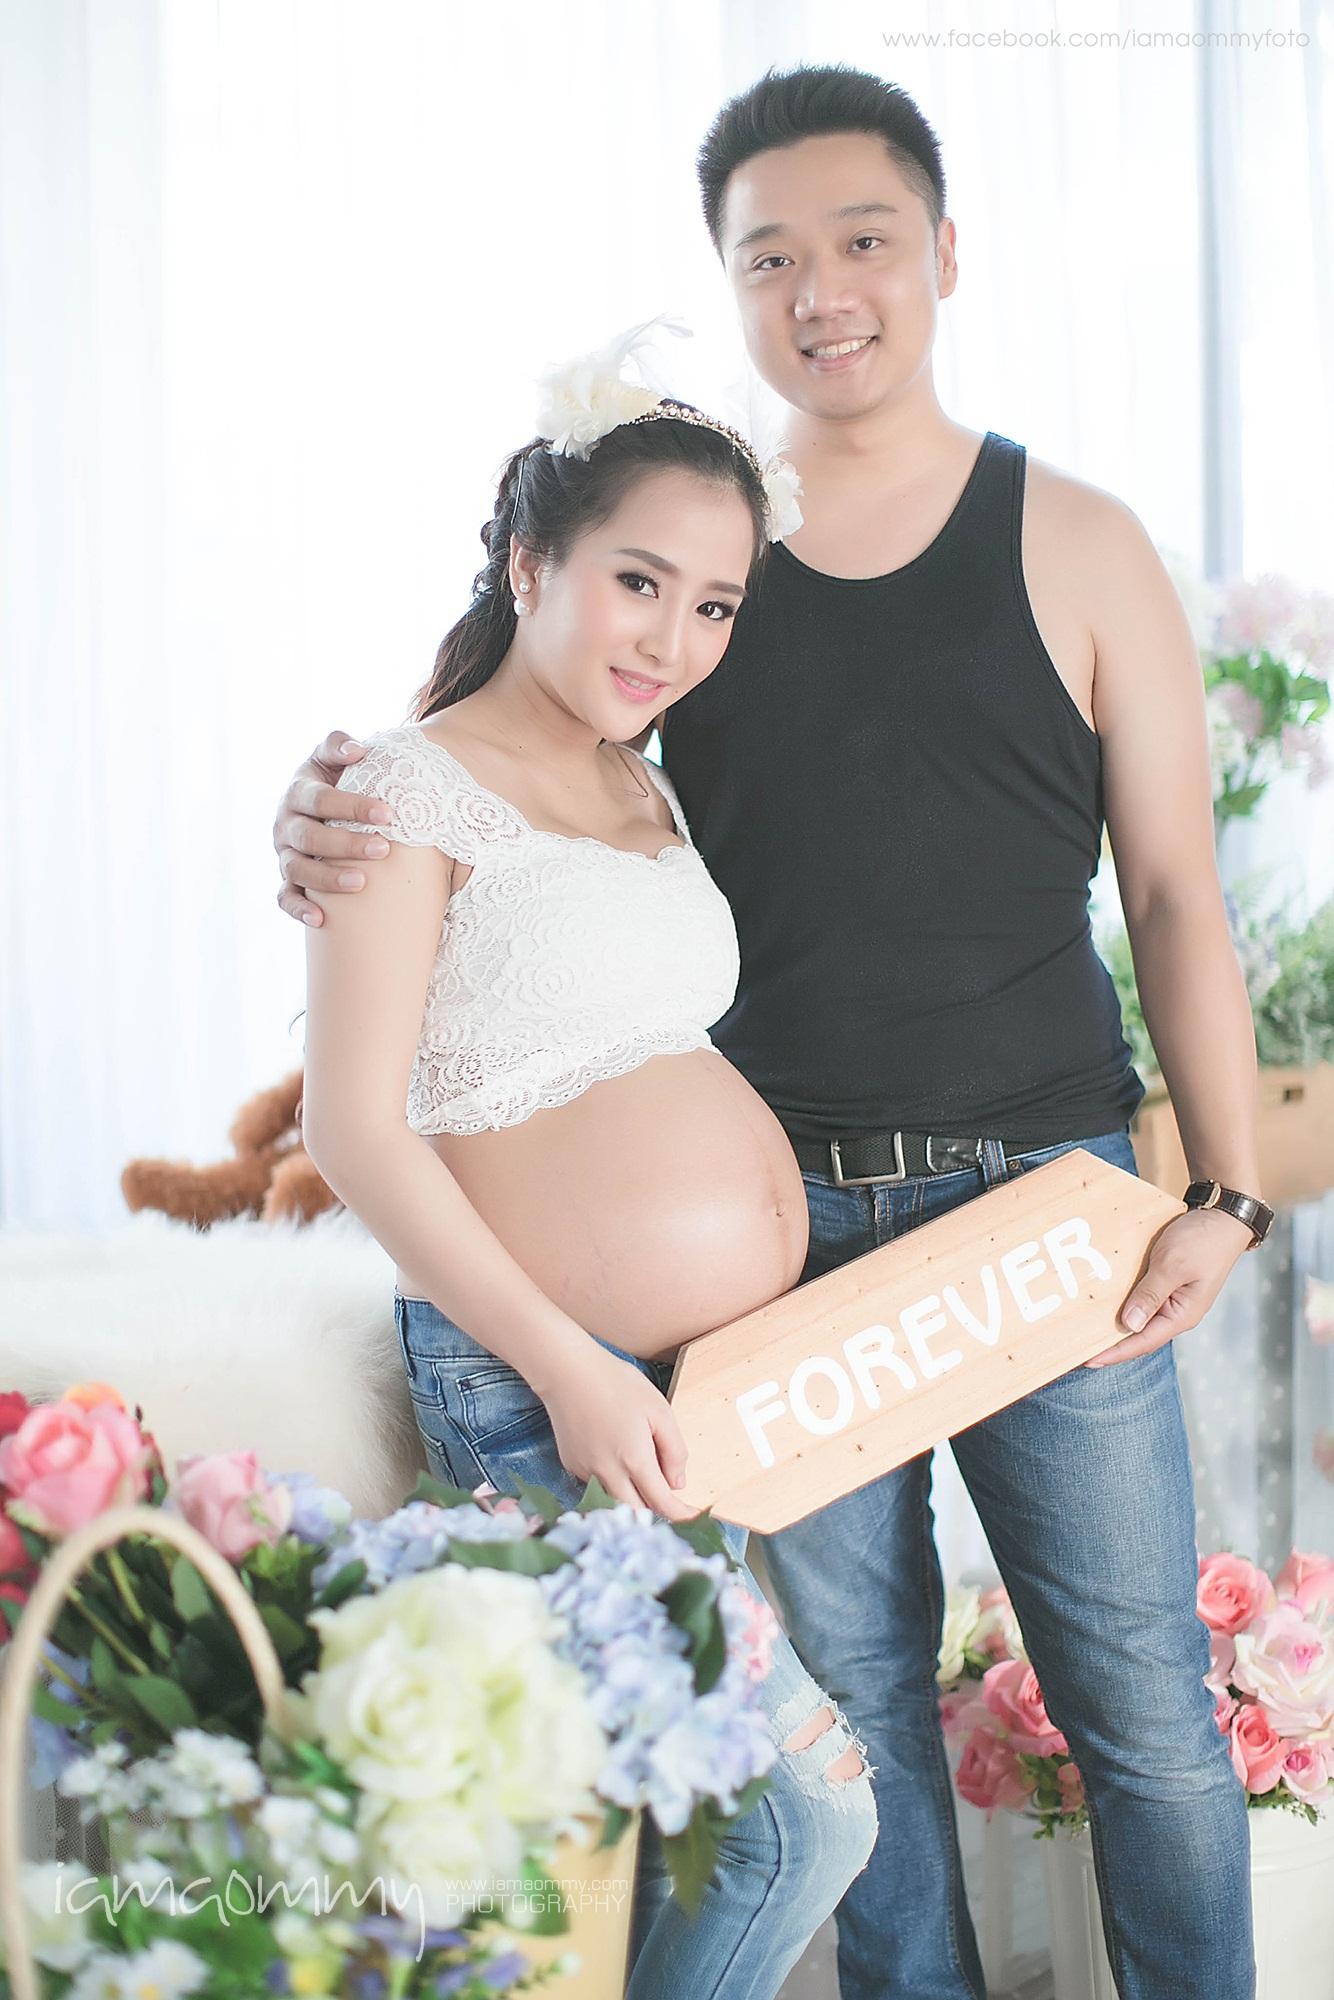 ถ่ายรูปคุณแม่ตั้งครรภ์_Namfon_115